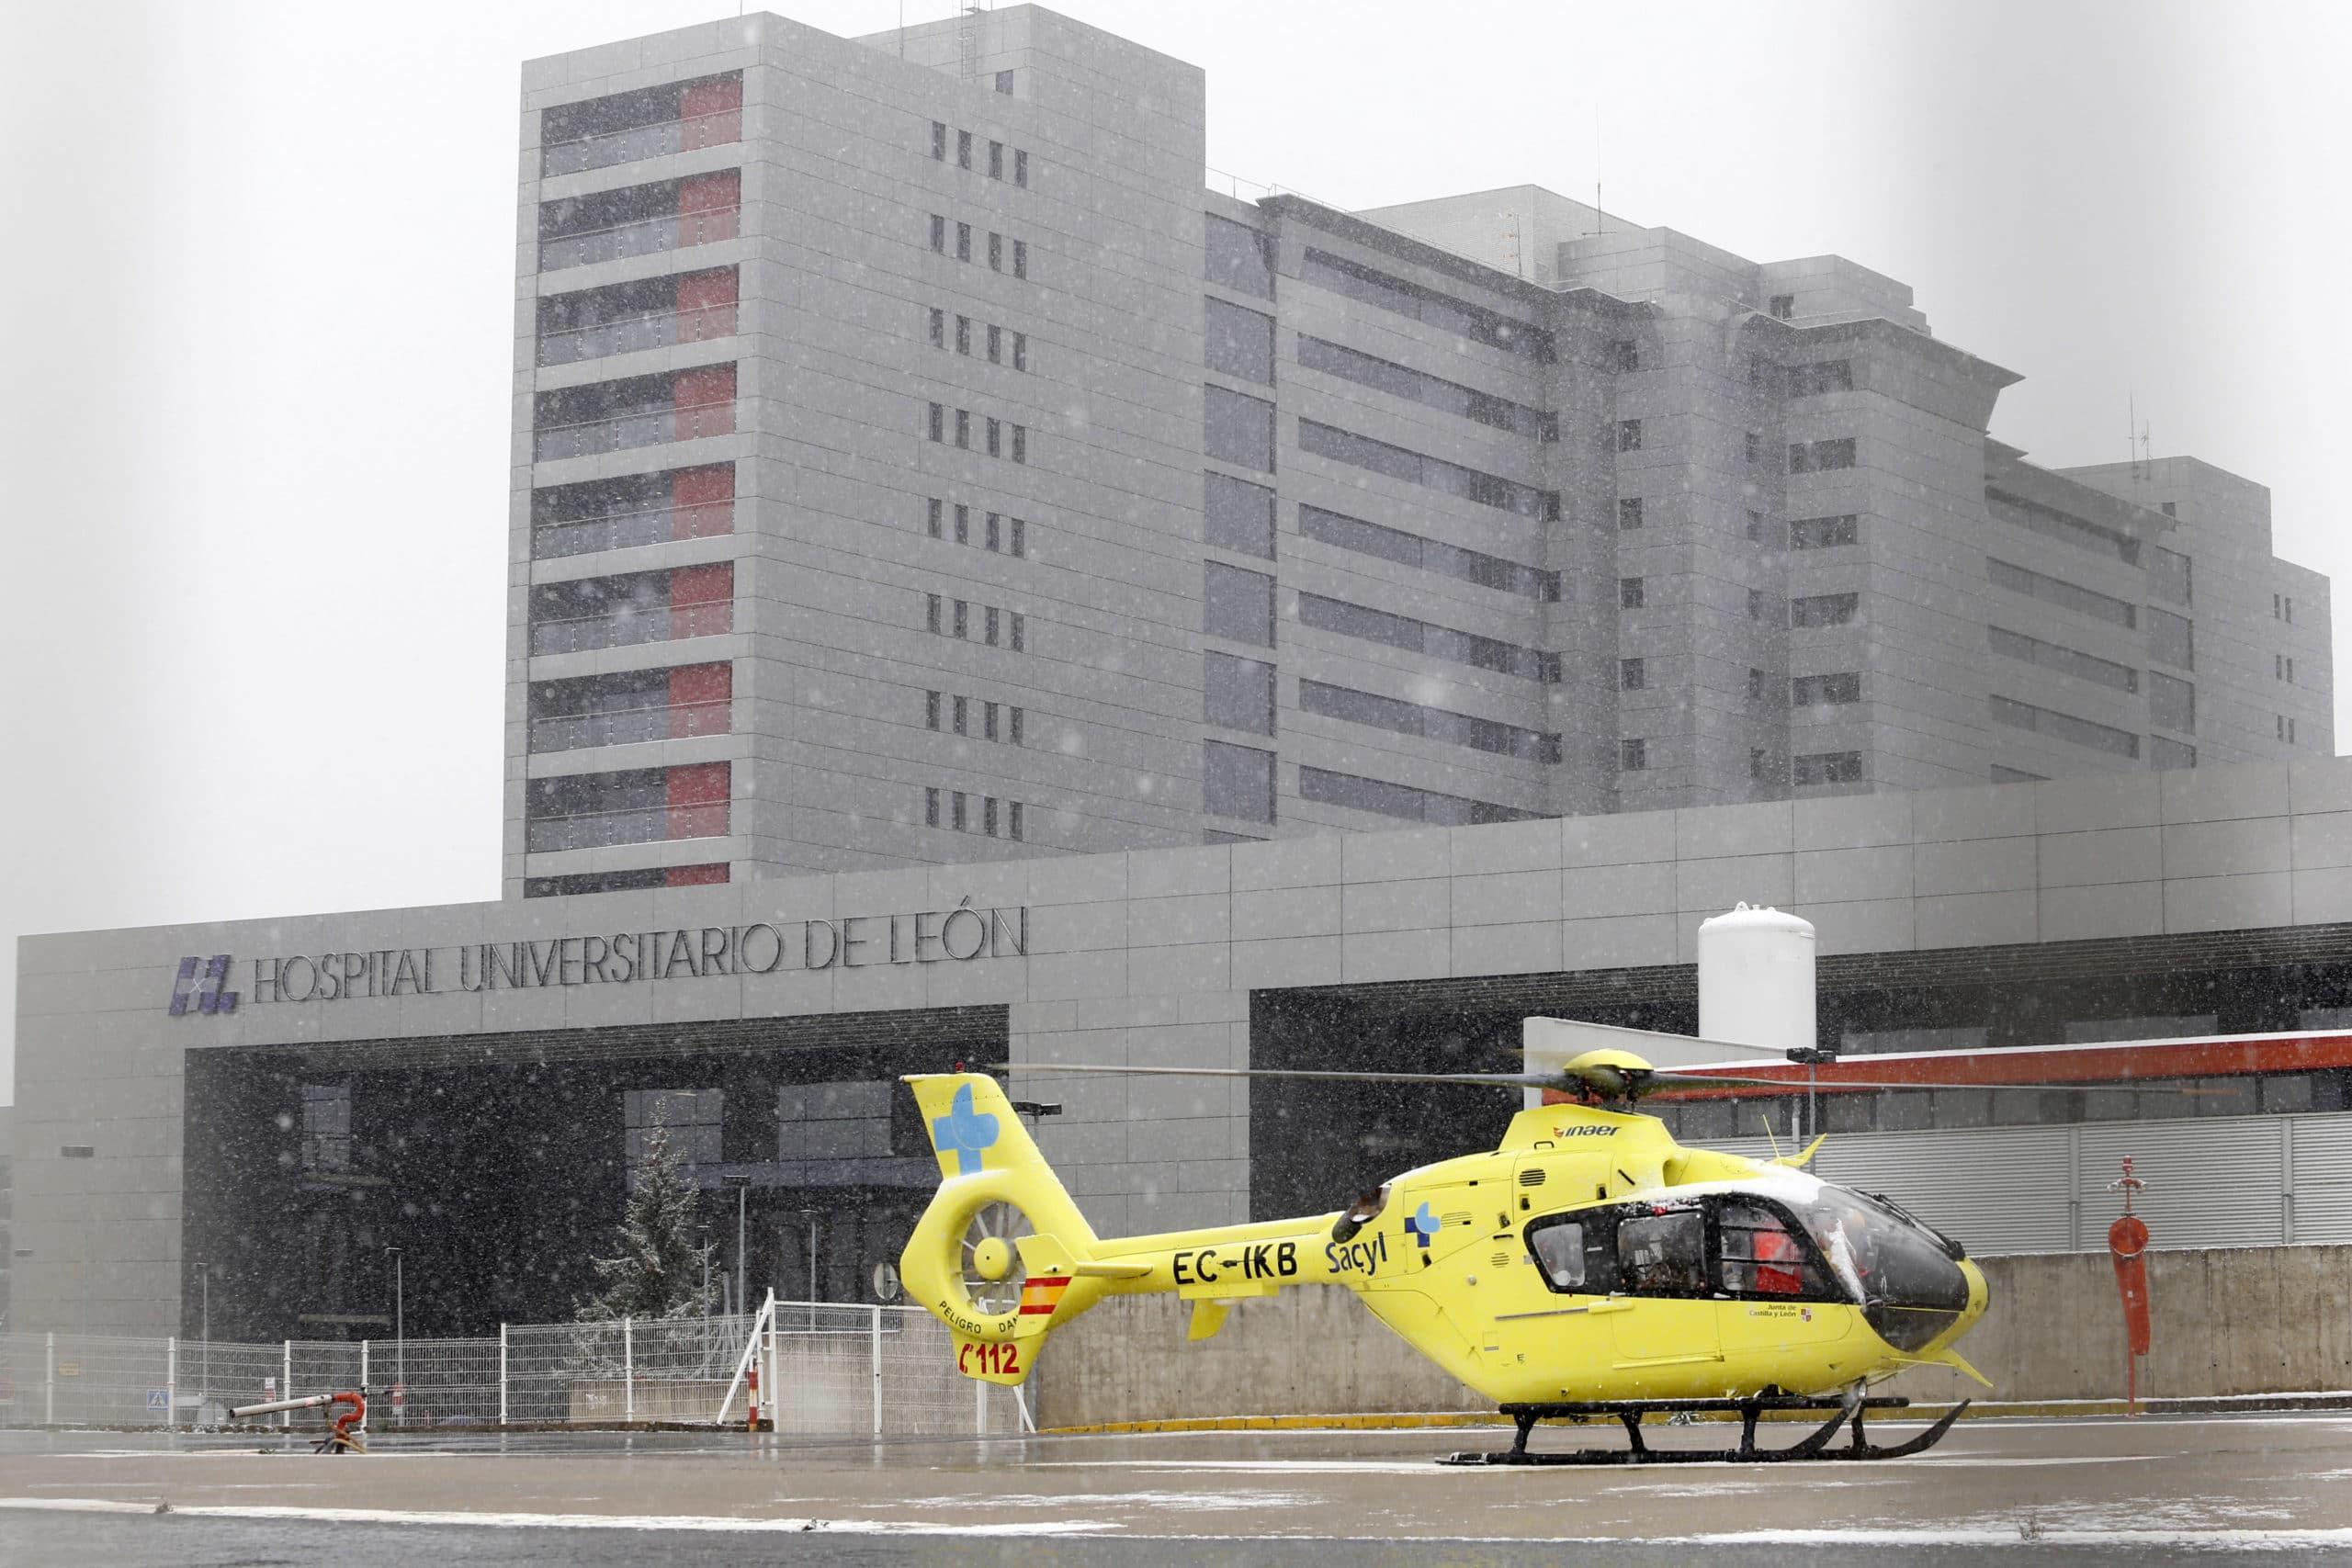 Cuatro muertos en hospitales y ninguno en residencias en las últimas 24 horas